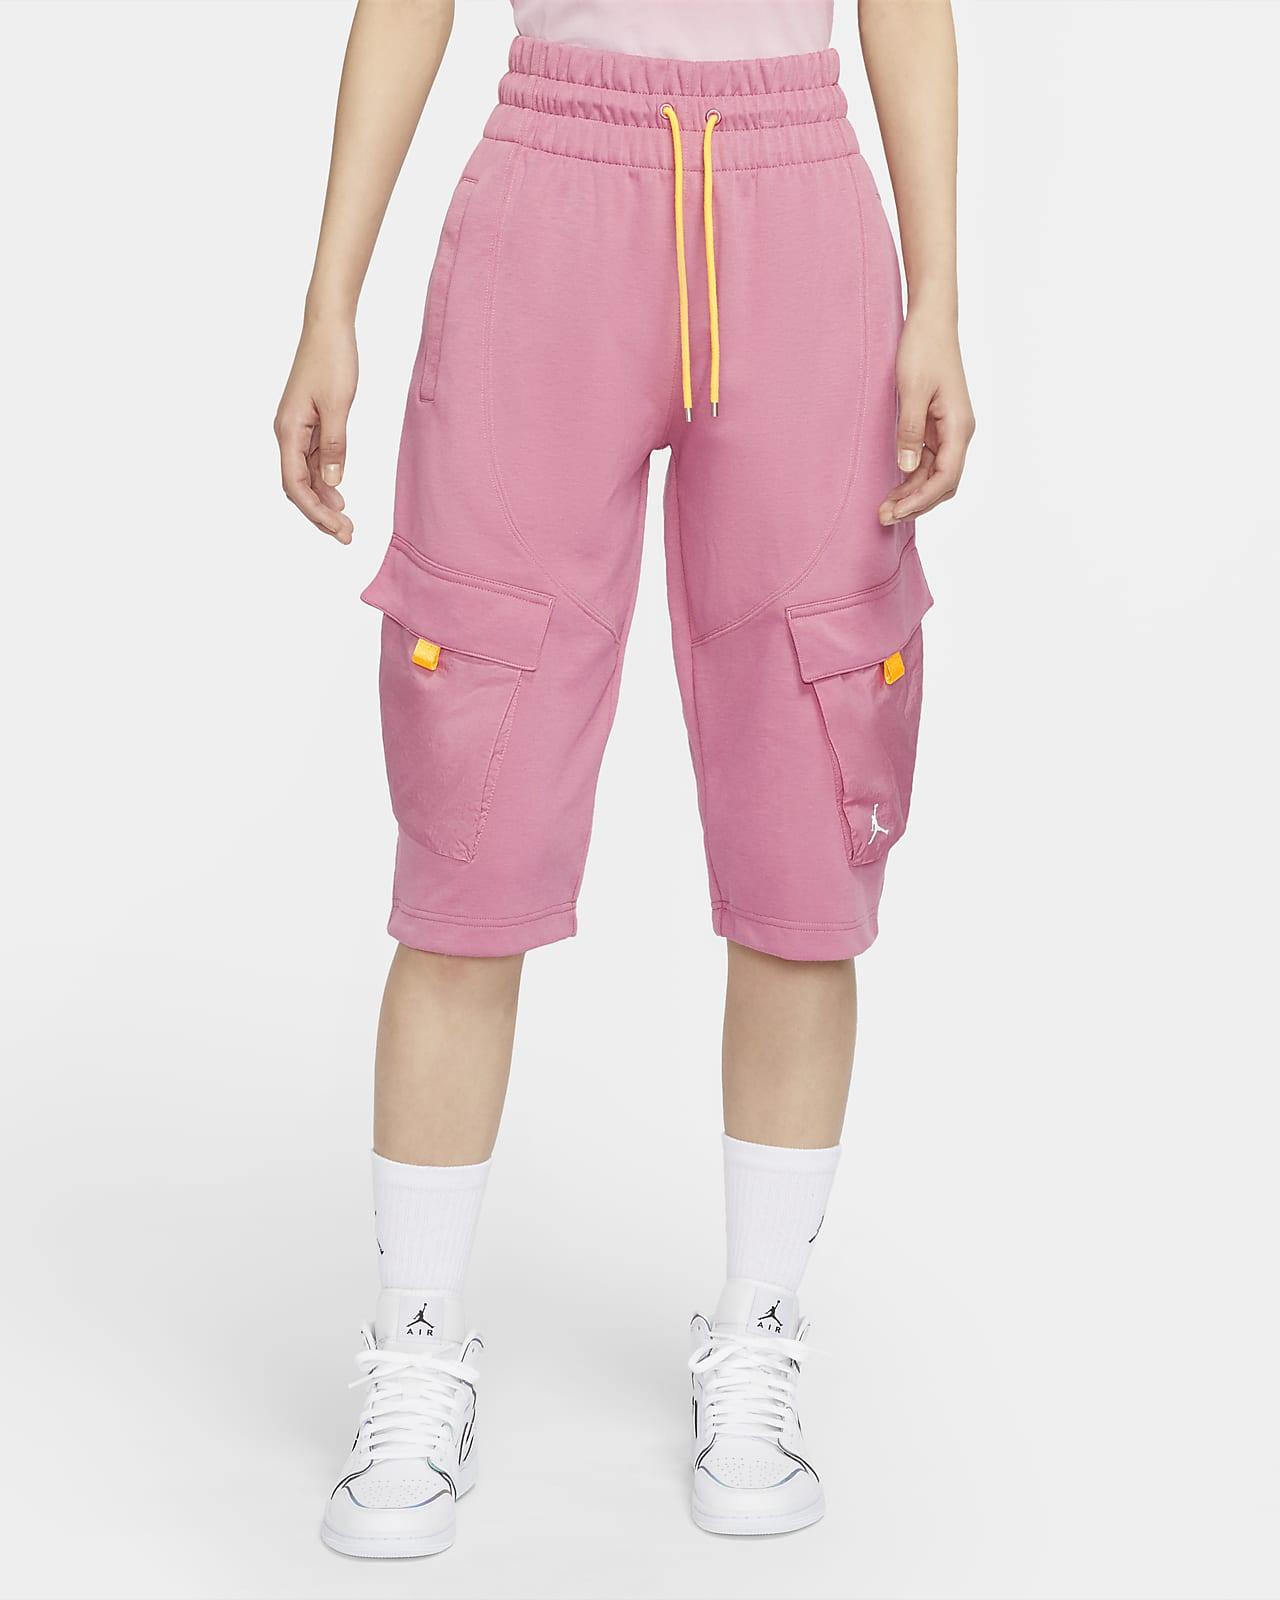 para Mujer Shorts GWELL